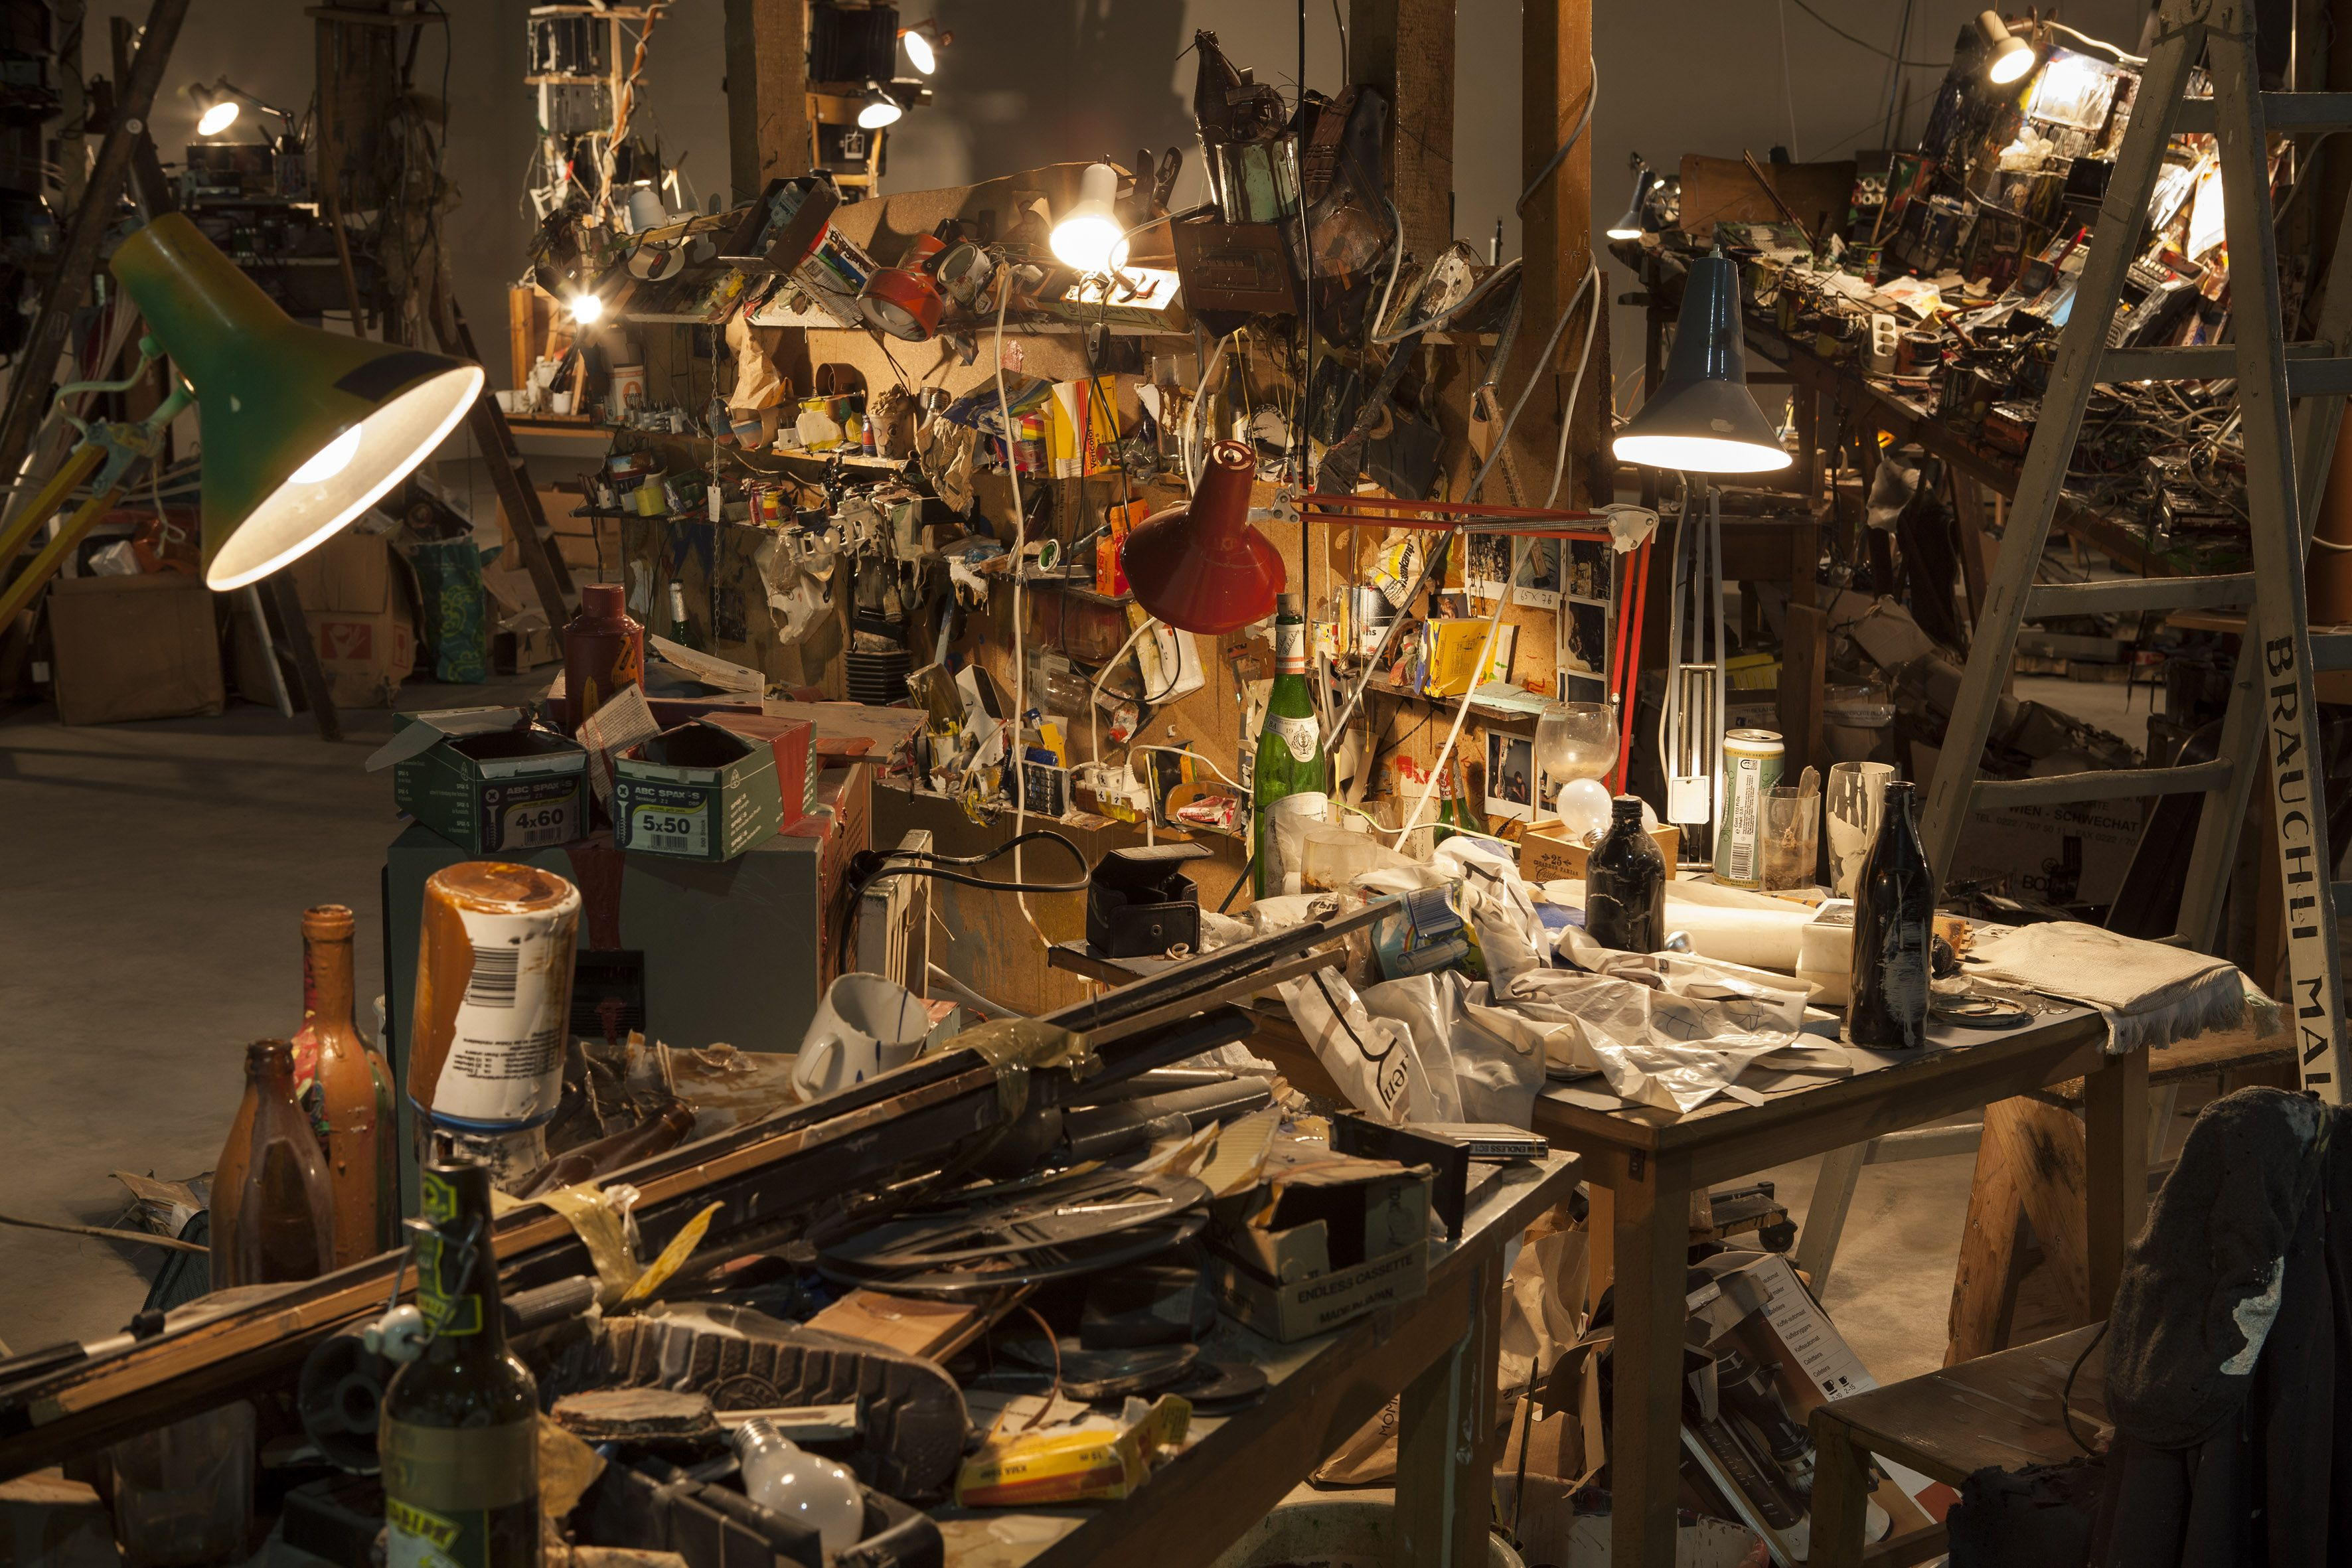 Dieter Roth & Björn Roth - Islands - veduta della mostra presso HangarBicocca Milano 2013 - photo Agostino Osio - Courtesy Fondazione Hangar...